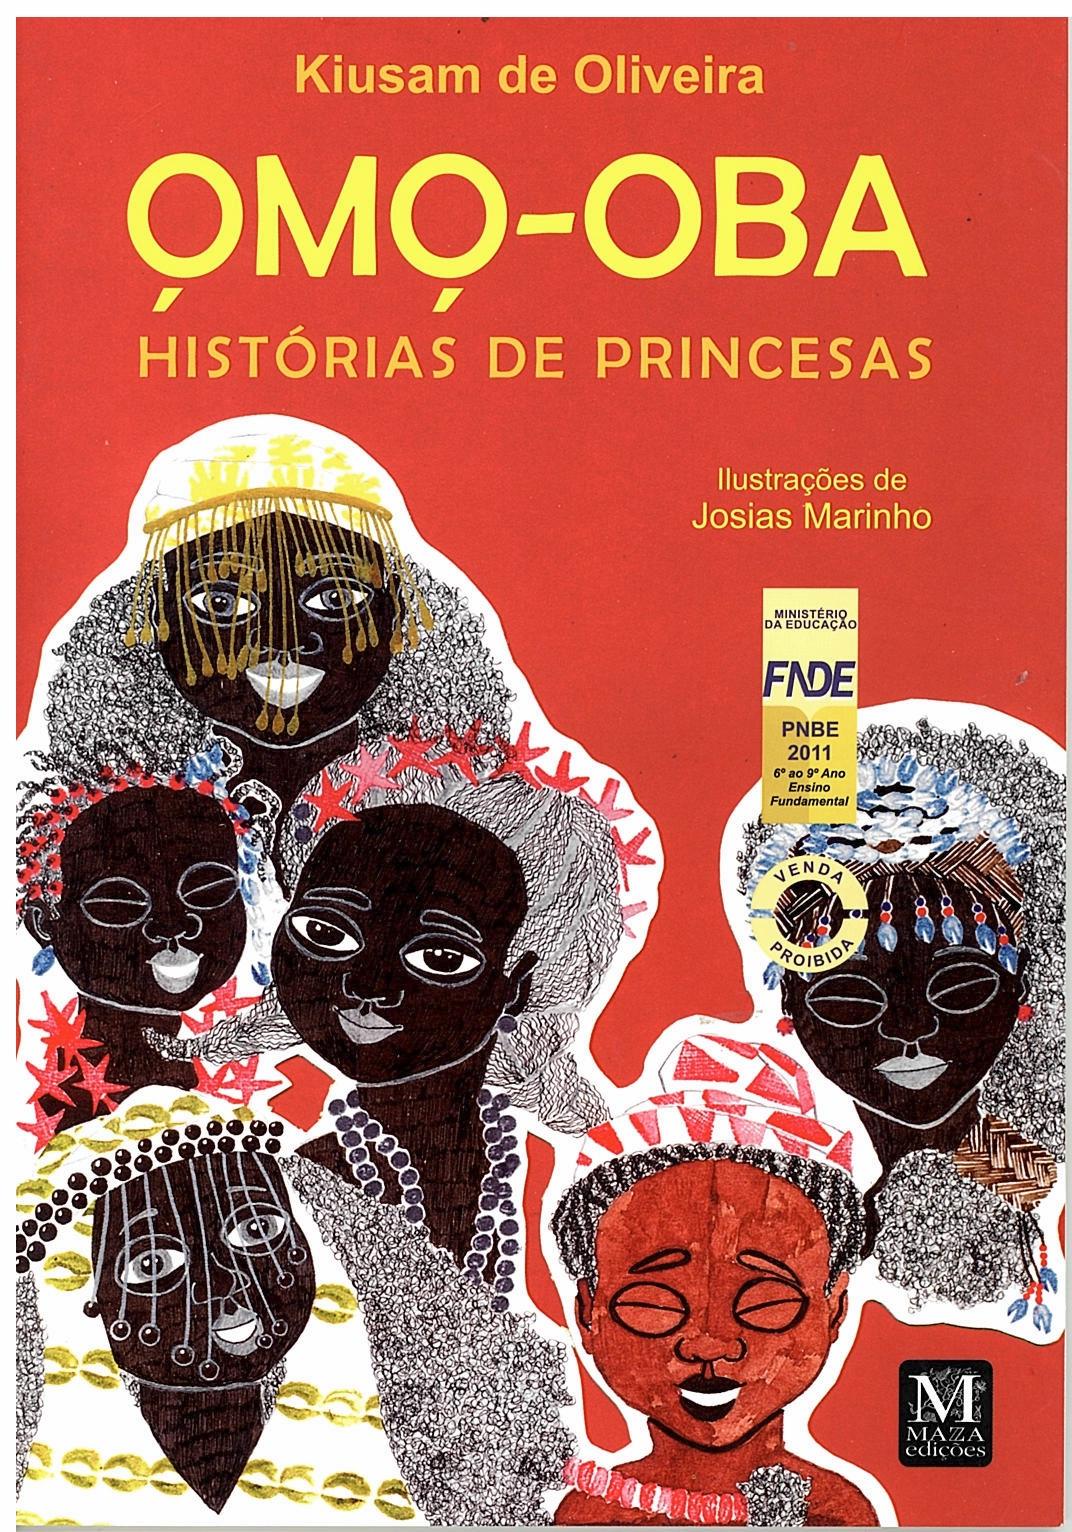 """Livro """"Omo-Oba: Histórias de Princesas"""". Foto: divulgação."""